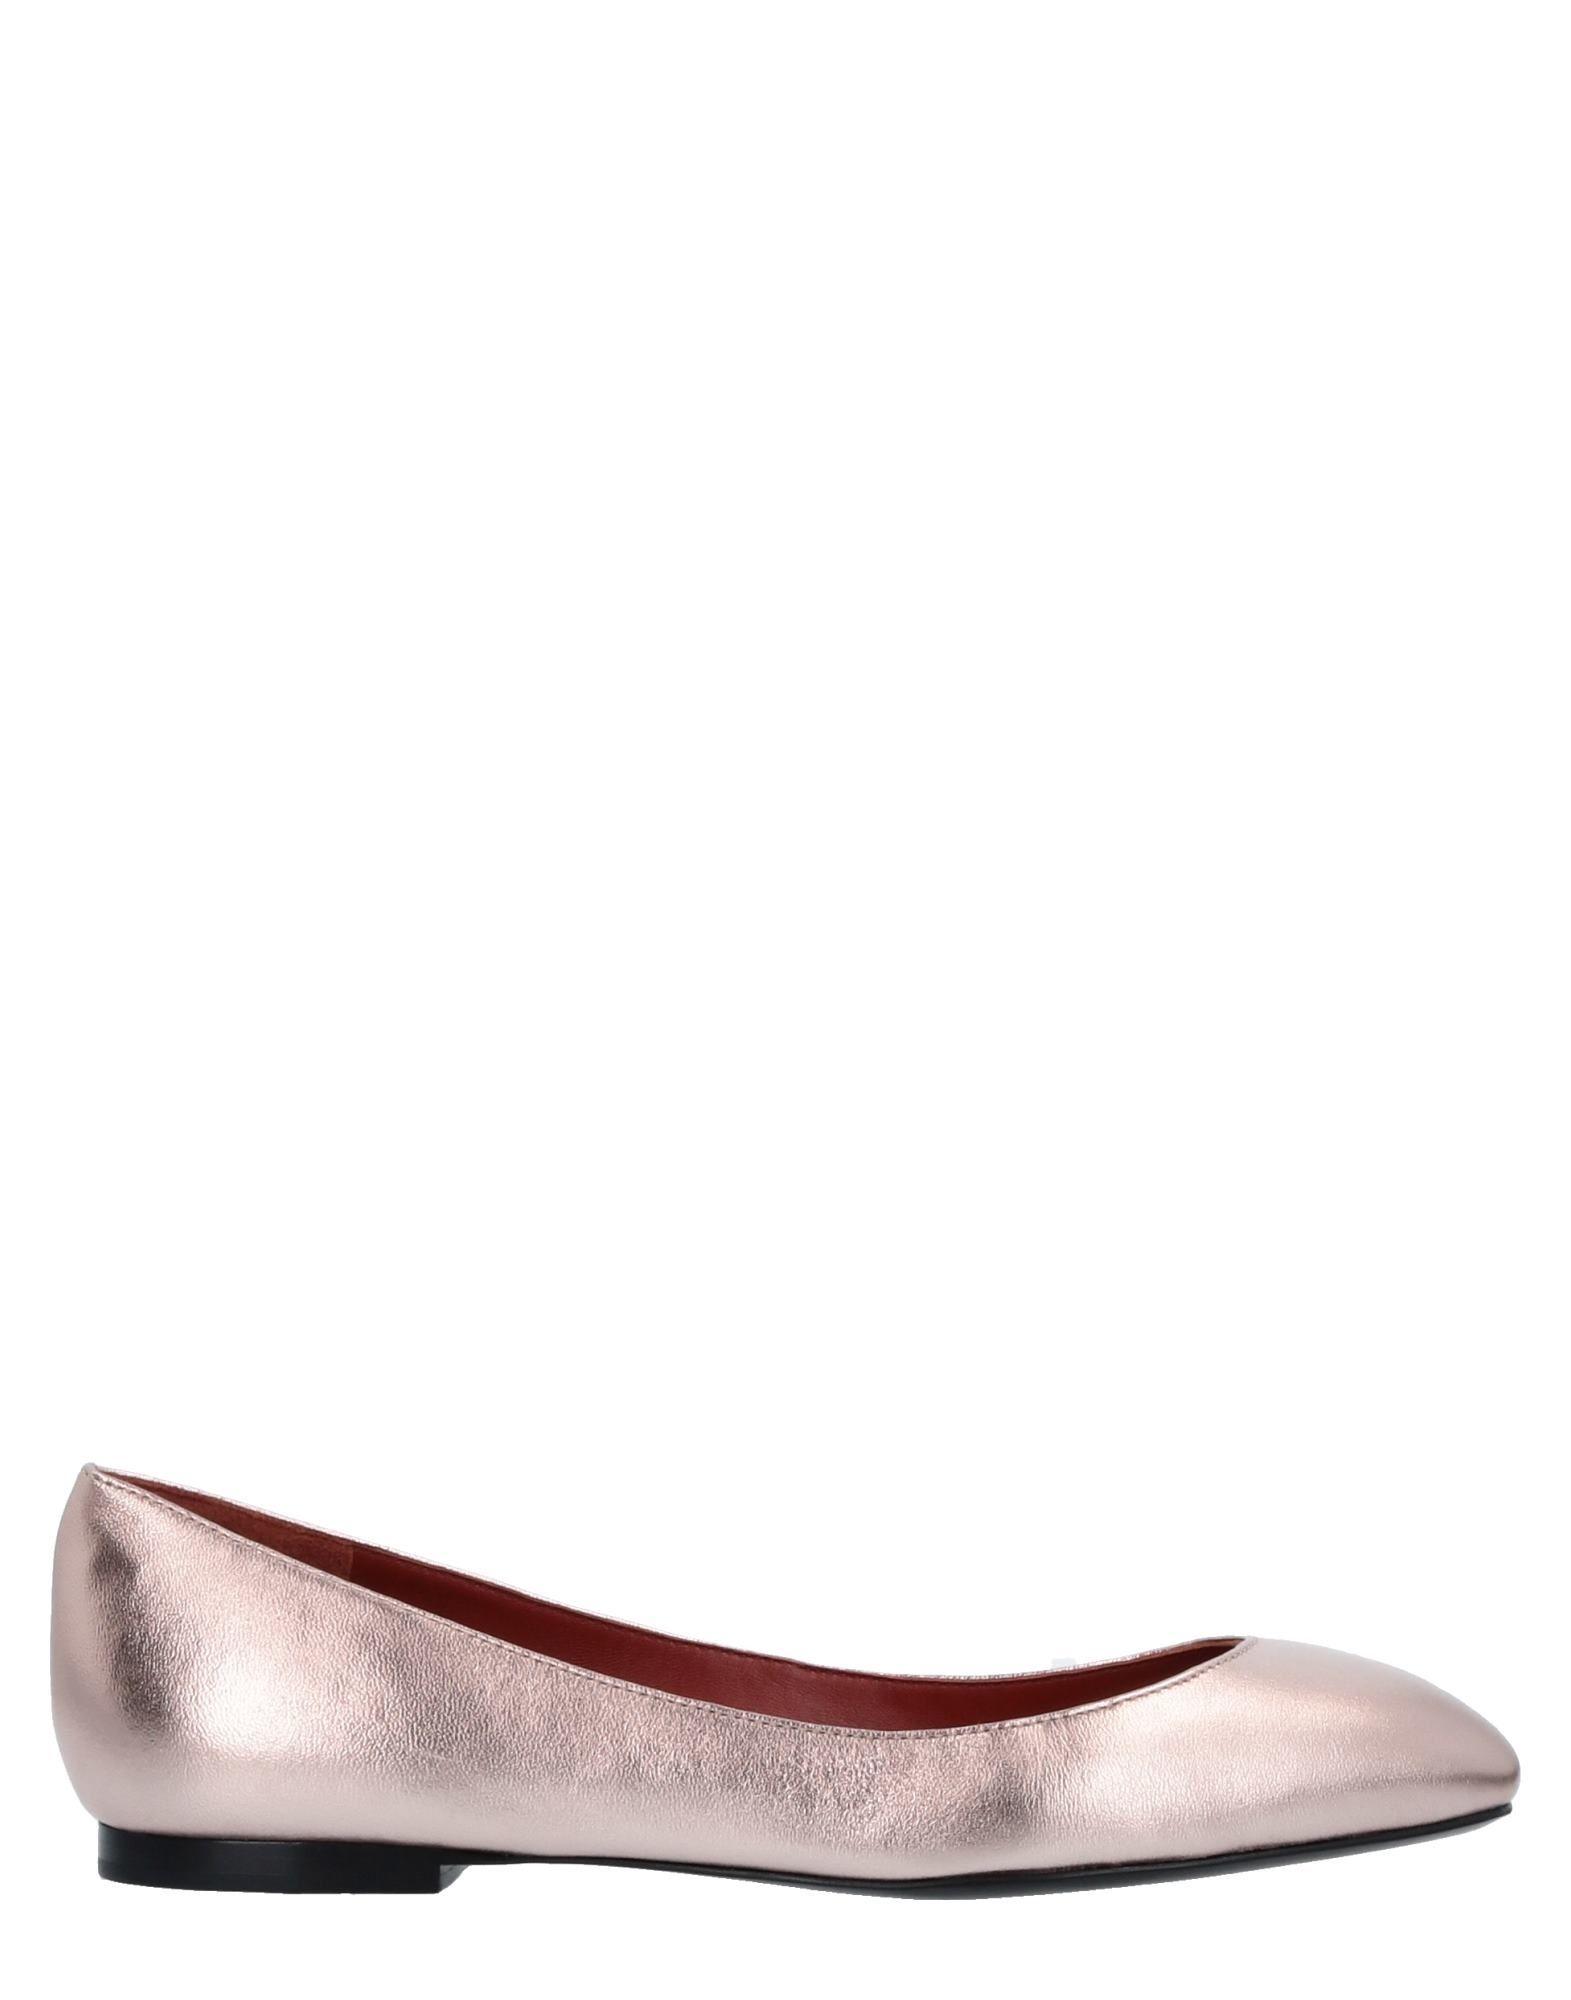 Ballerine 3.1 Phillip Lim Donna - 11515423LI